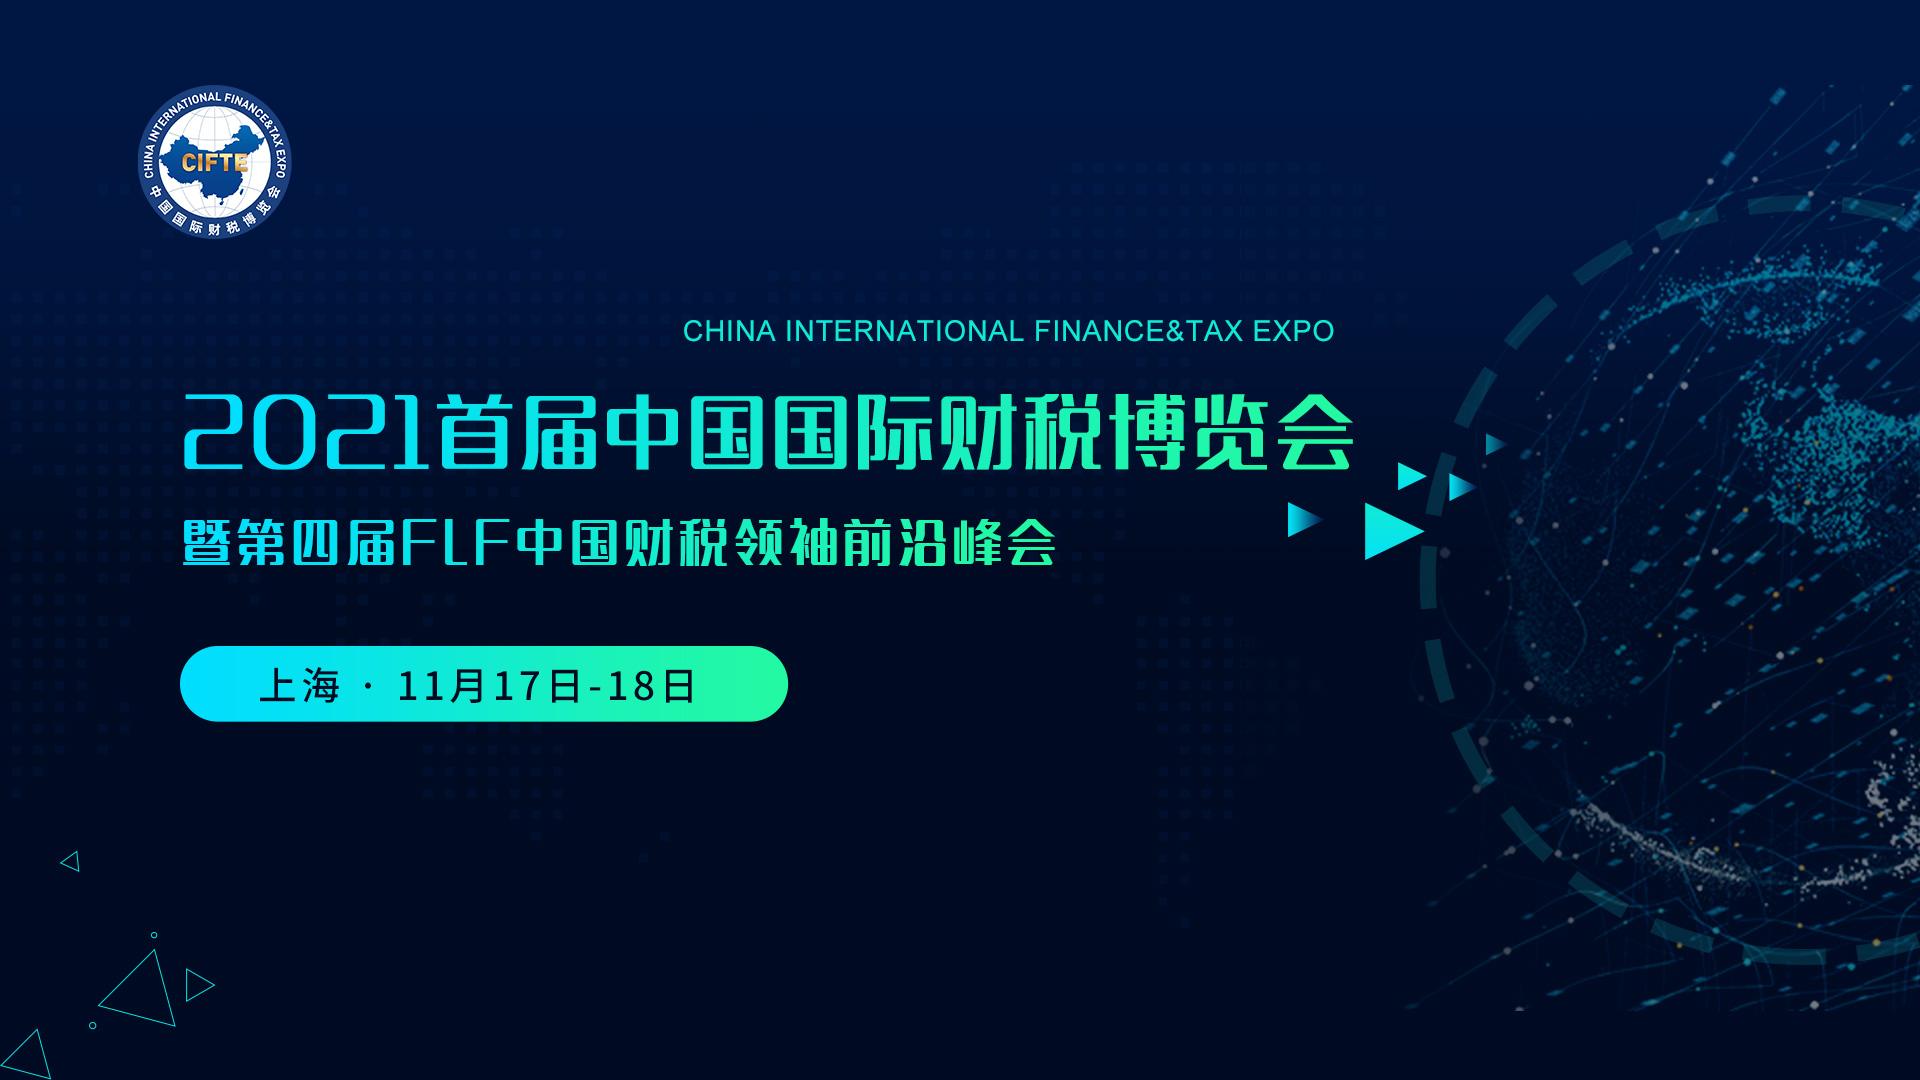 2021首届中国国际财税博览会 暨 第四届FLF中国财税领袖前沿峰会